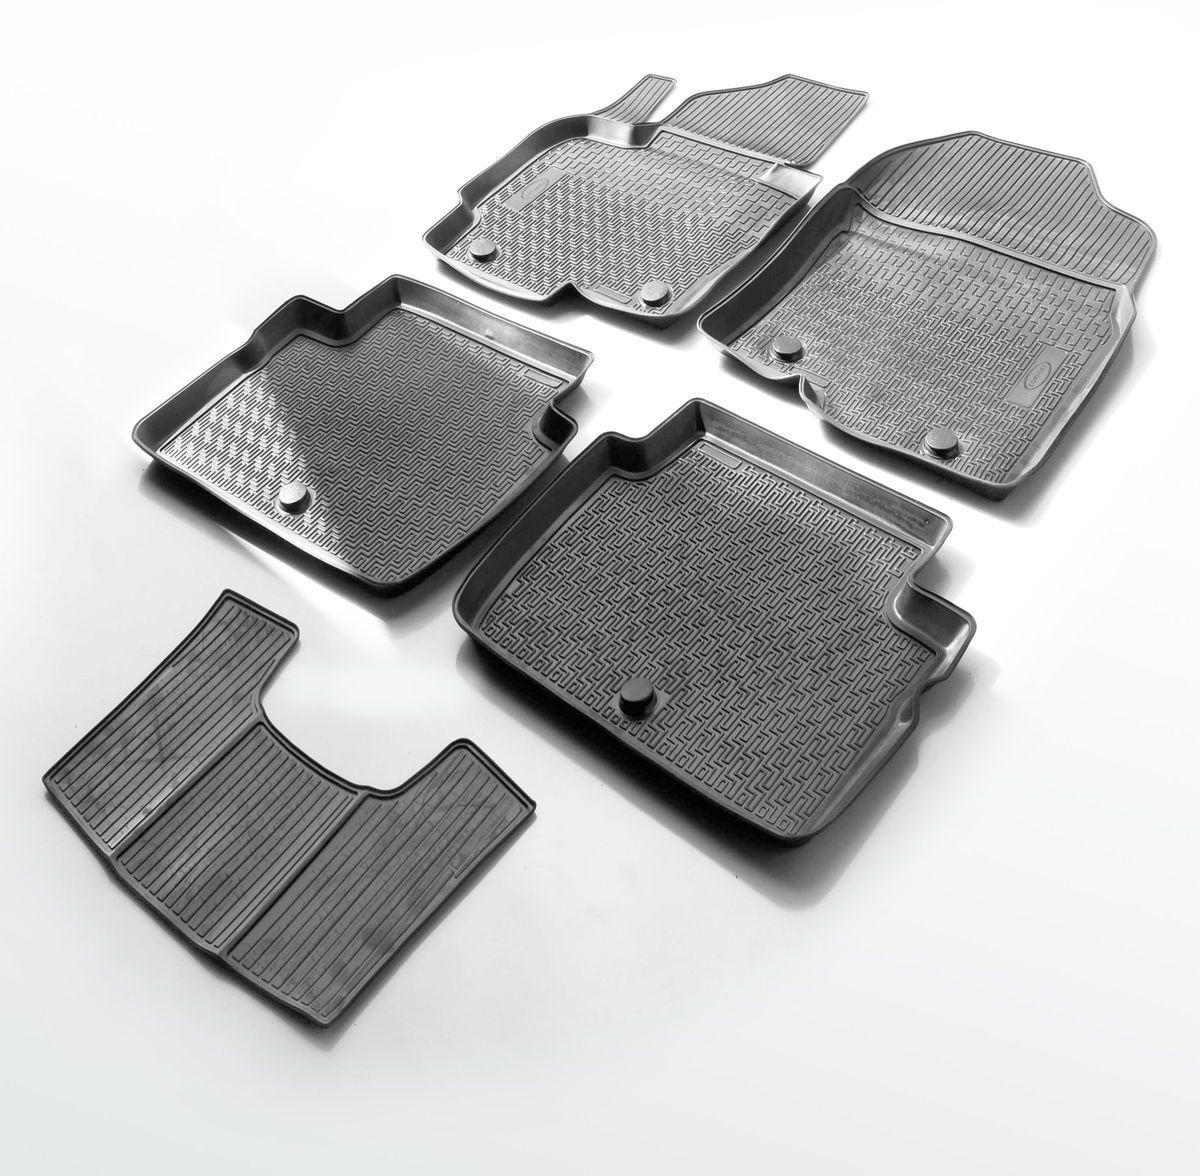 Коврики салона Rival для Nissan X-Trail 2011-2015, c перемычкой, полиуретан14109002Прочные и долговечные коврики Rival в салон автомобиля, изготовлены из высококачественного и экологичного сырья. Коврики полностью повторяют геометрию салона вашего автомобиля.- Надежная система крепления, позволяющая закрепить коврик на штатные элементы фиксации, в результате чего отсутствует эффект скольжения по салону автомобиля.- Высокая стойкость поверхности к стиранию.- Специализированный рисунок и высокий борт, препятствующие распространению грязи и жидкости по поверхности коврика.- Перемычка задних ковриков в комплекте предотвращает загрязнение тоннеля карданного вала.- Коврики произведены из первичных материалов, в результате чего отсутствует неприятный запах в салоне автомобиля.- Высокая эластичность, можно беспрепятственно эксплуатировать при температуре от -45°C до +45°C. Уважаемые клиенты! Обращаем ваше внимание, что коврики имеют форму, соответствующую модели данного автомобиля. Фото служит для визуального восприятия товара.